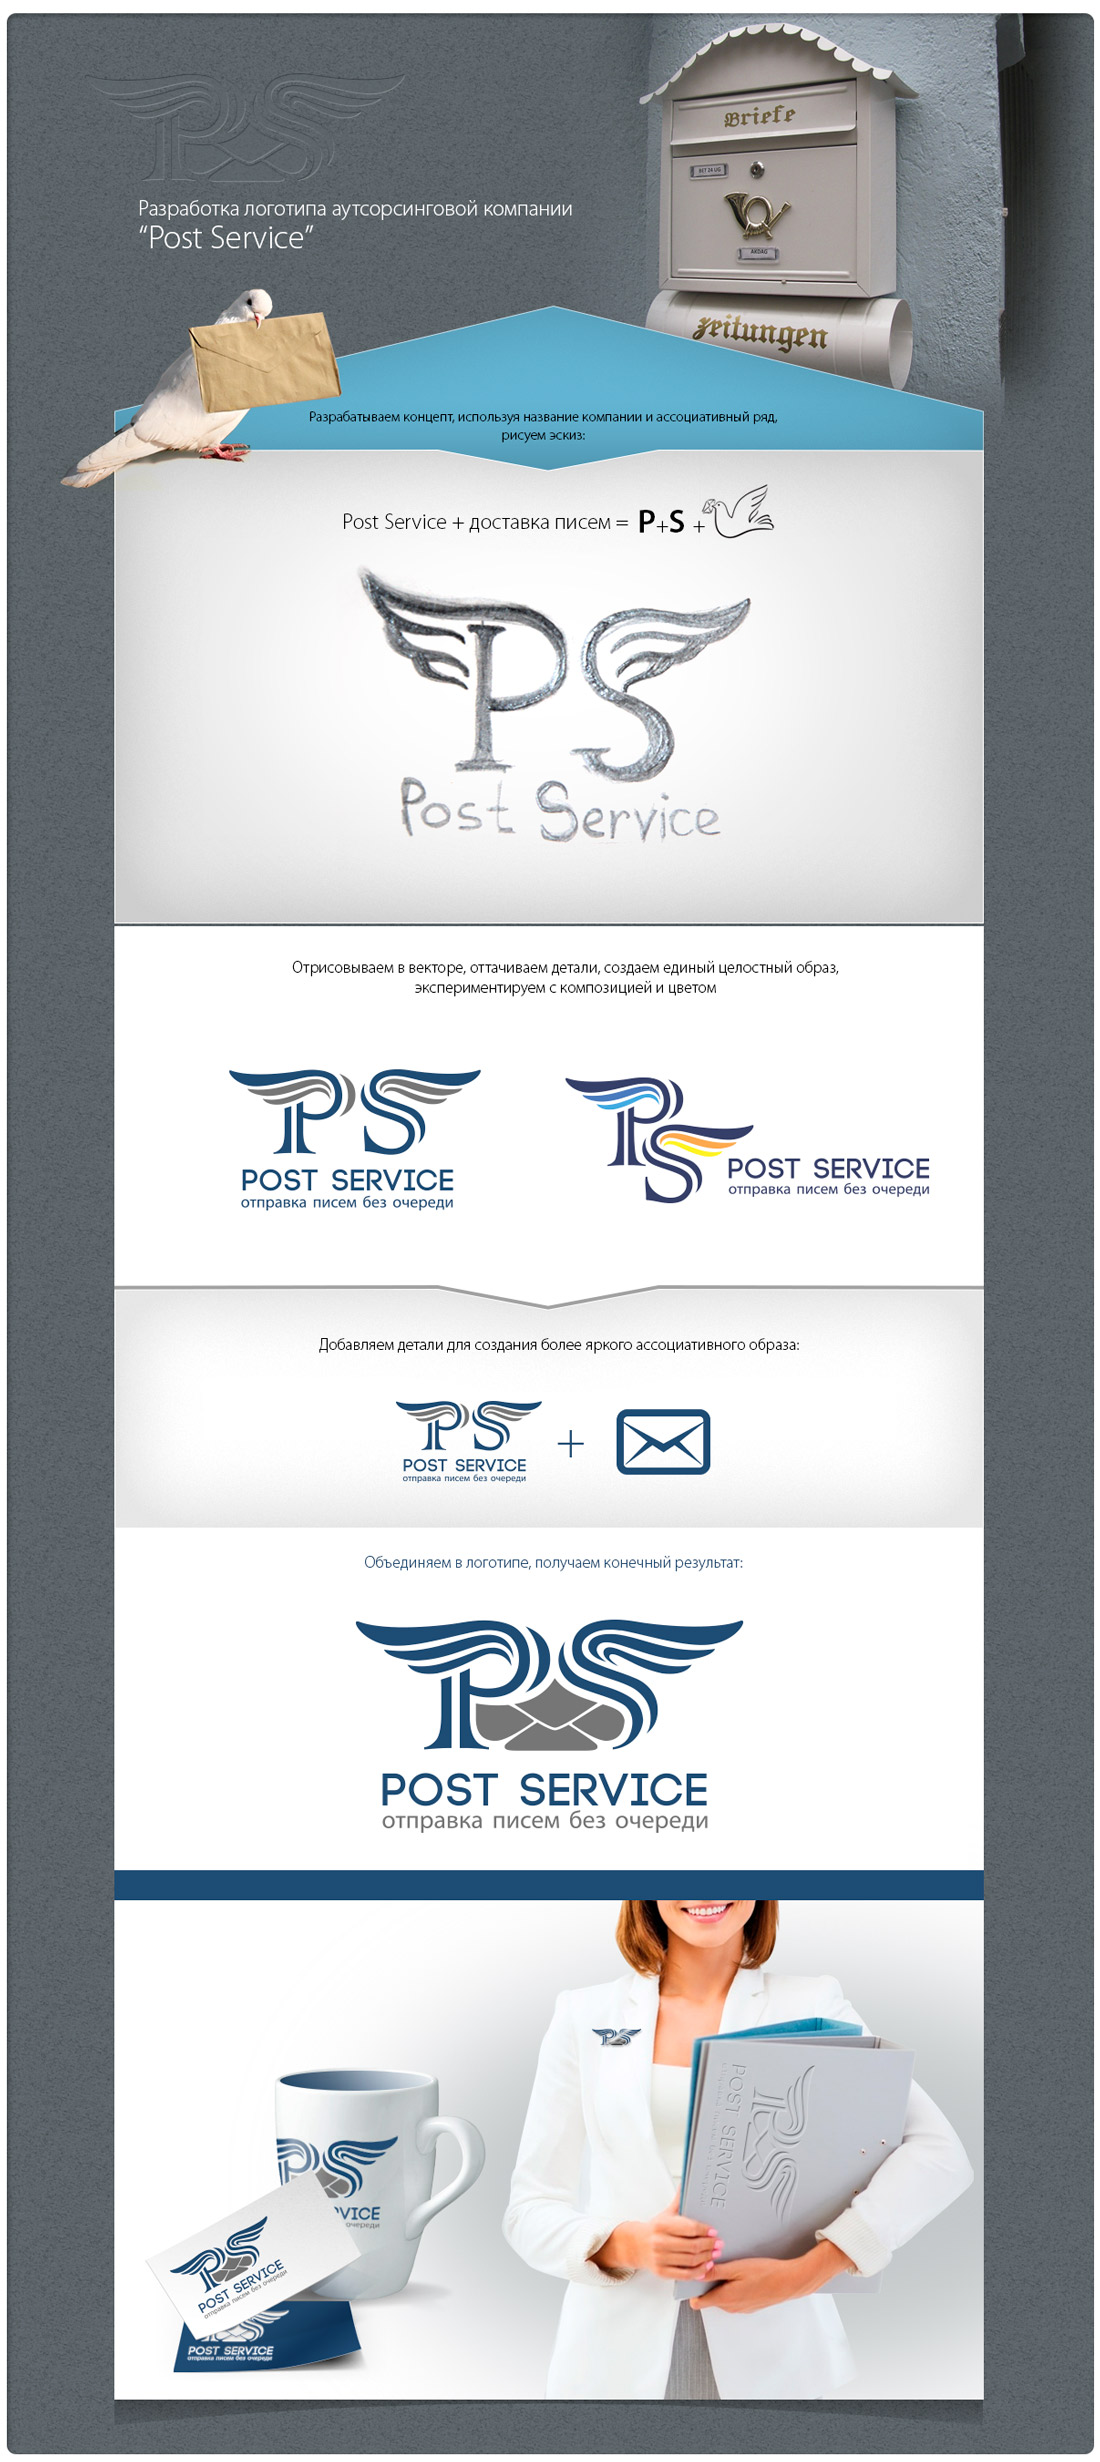 Post Service – доставка деловой корреспонденции